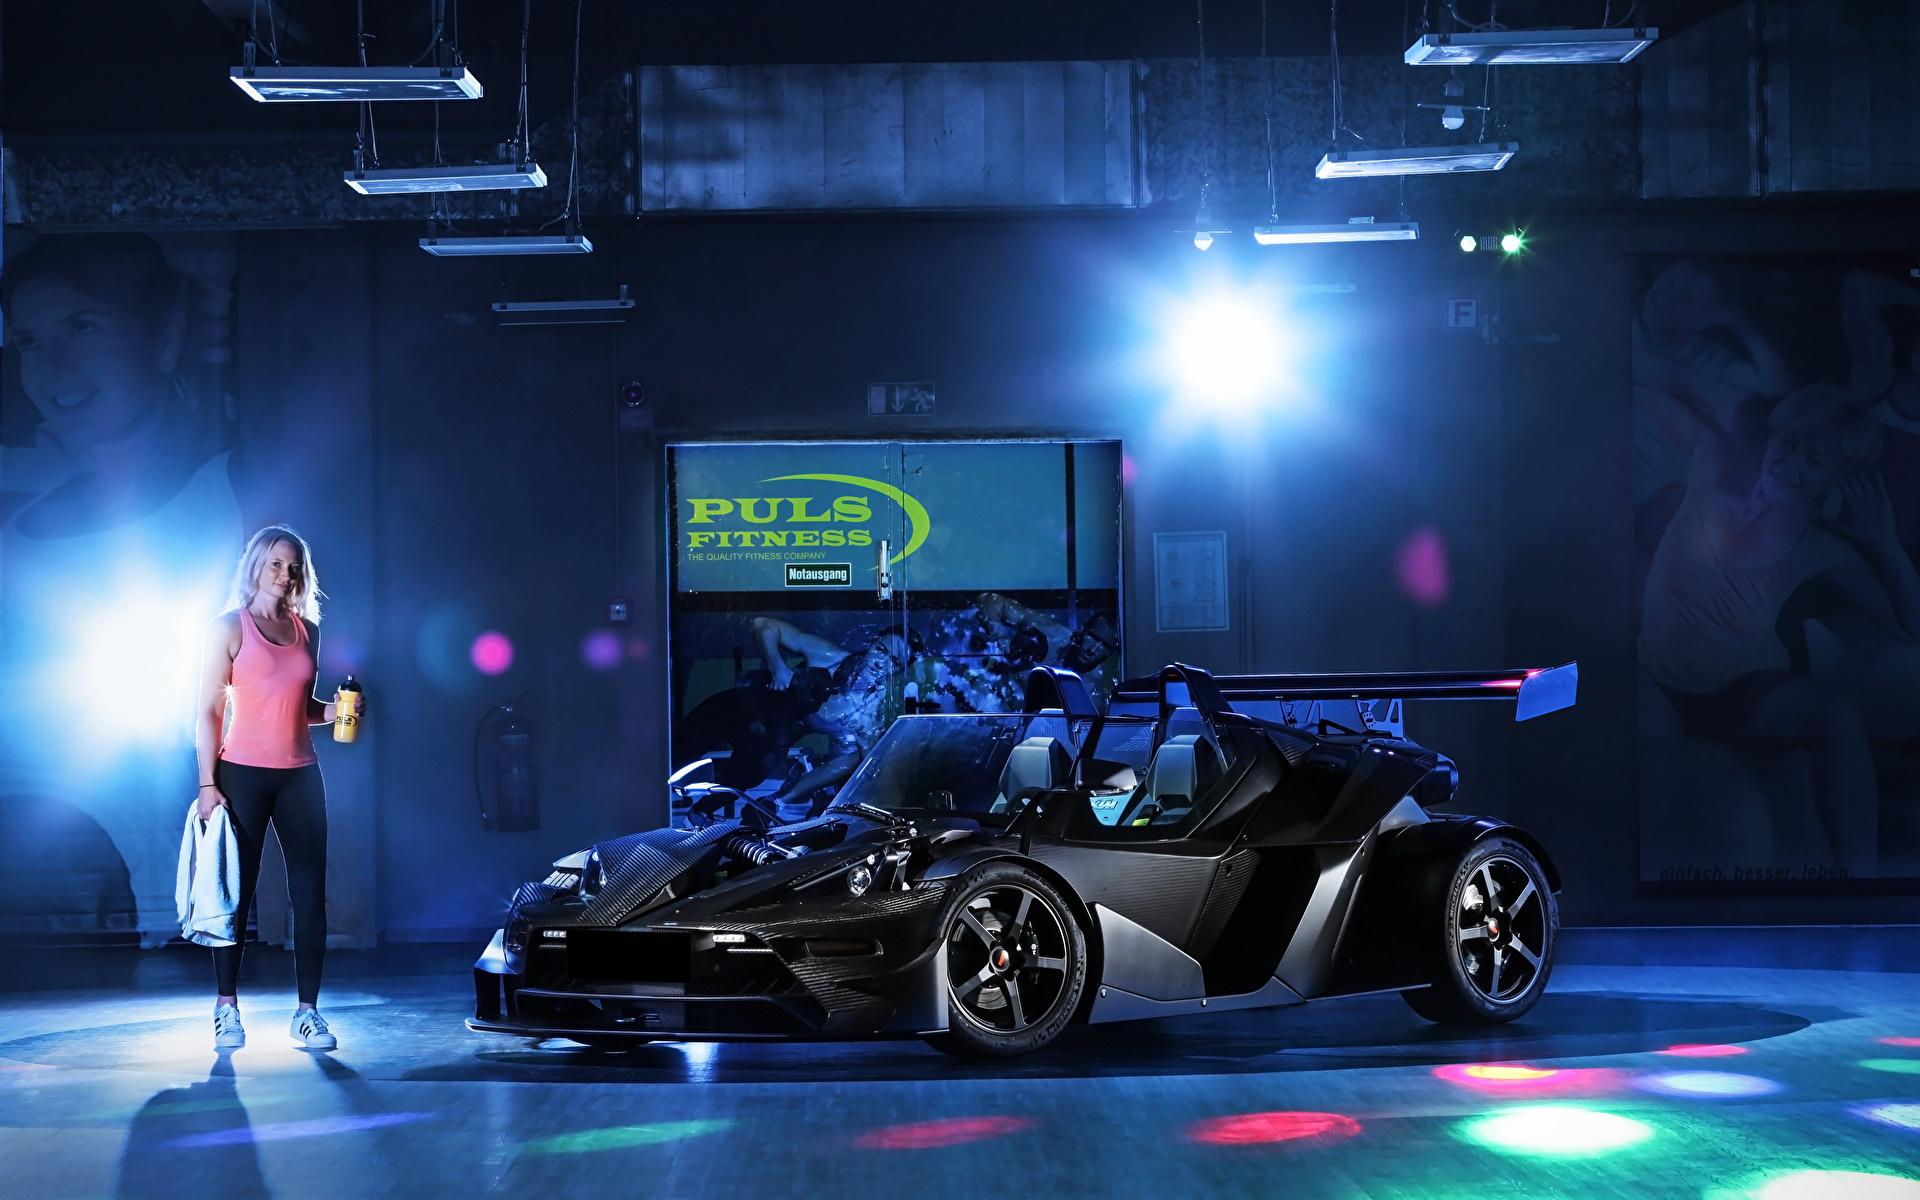 Картинки KTM Автомобили 2018-19 Wimmer RS X-Bow Carbon DSG Черный авто 1920x1200 КТМ черная черные черных машина машины Автомобили автомобиль